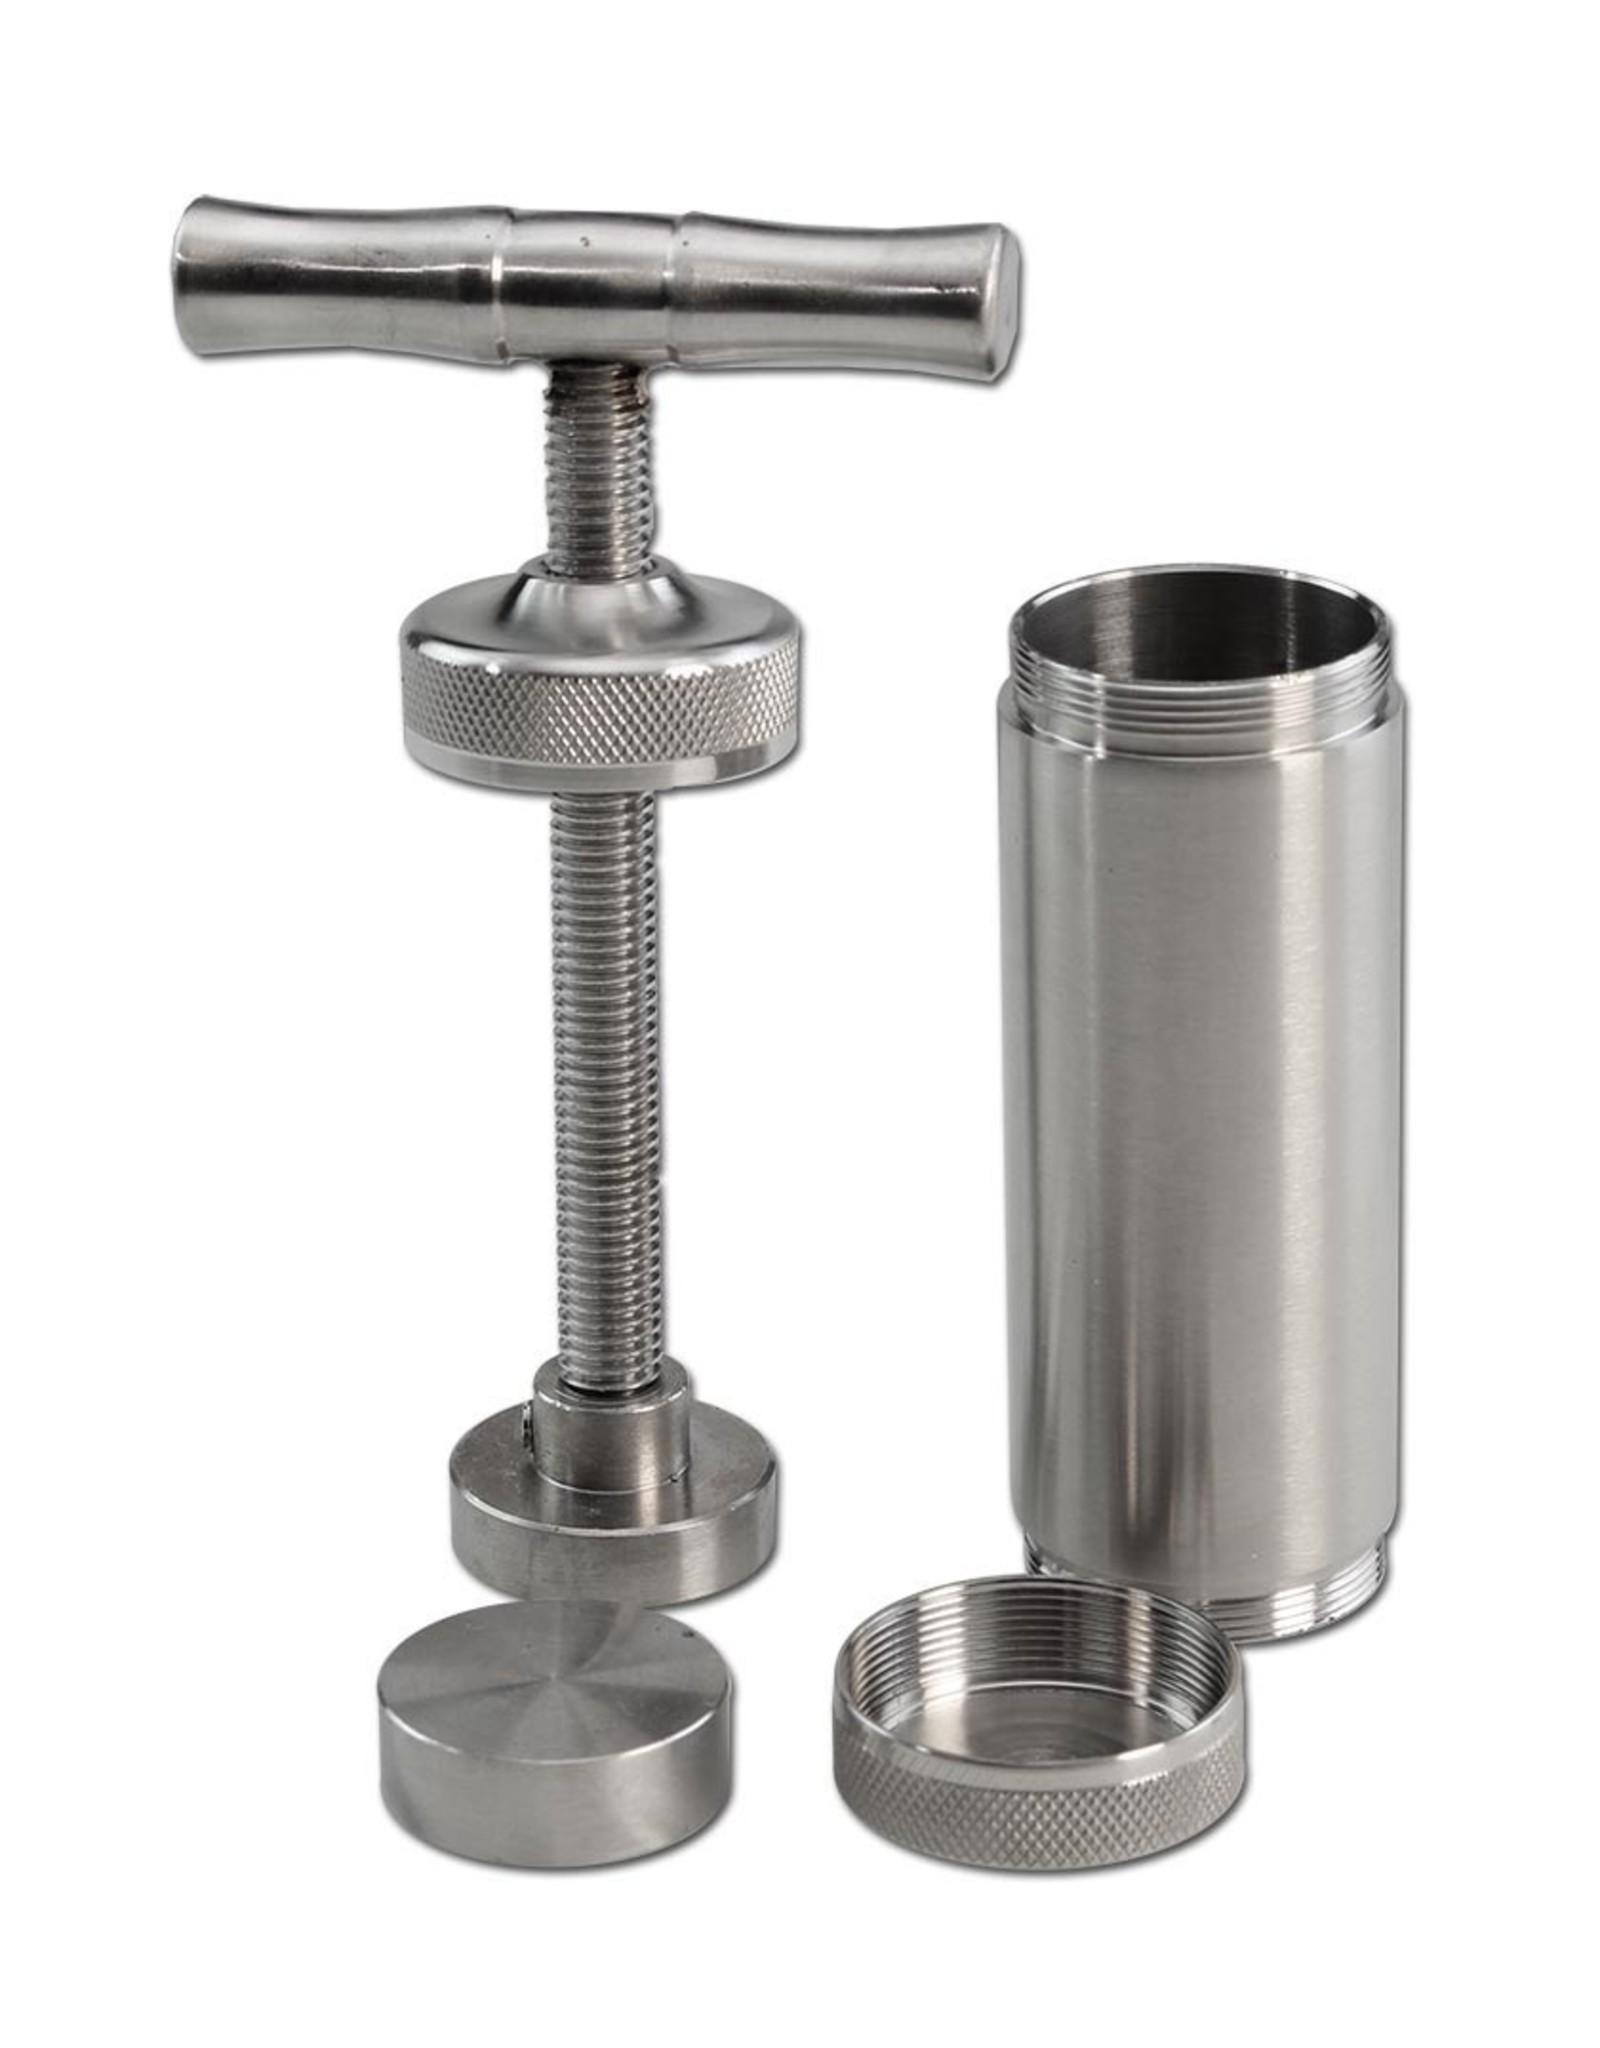 Kräuterpresse Edelstahl Presse S Durchmesser 20mm